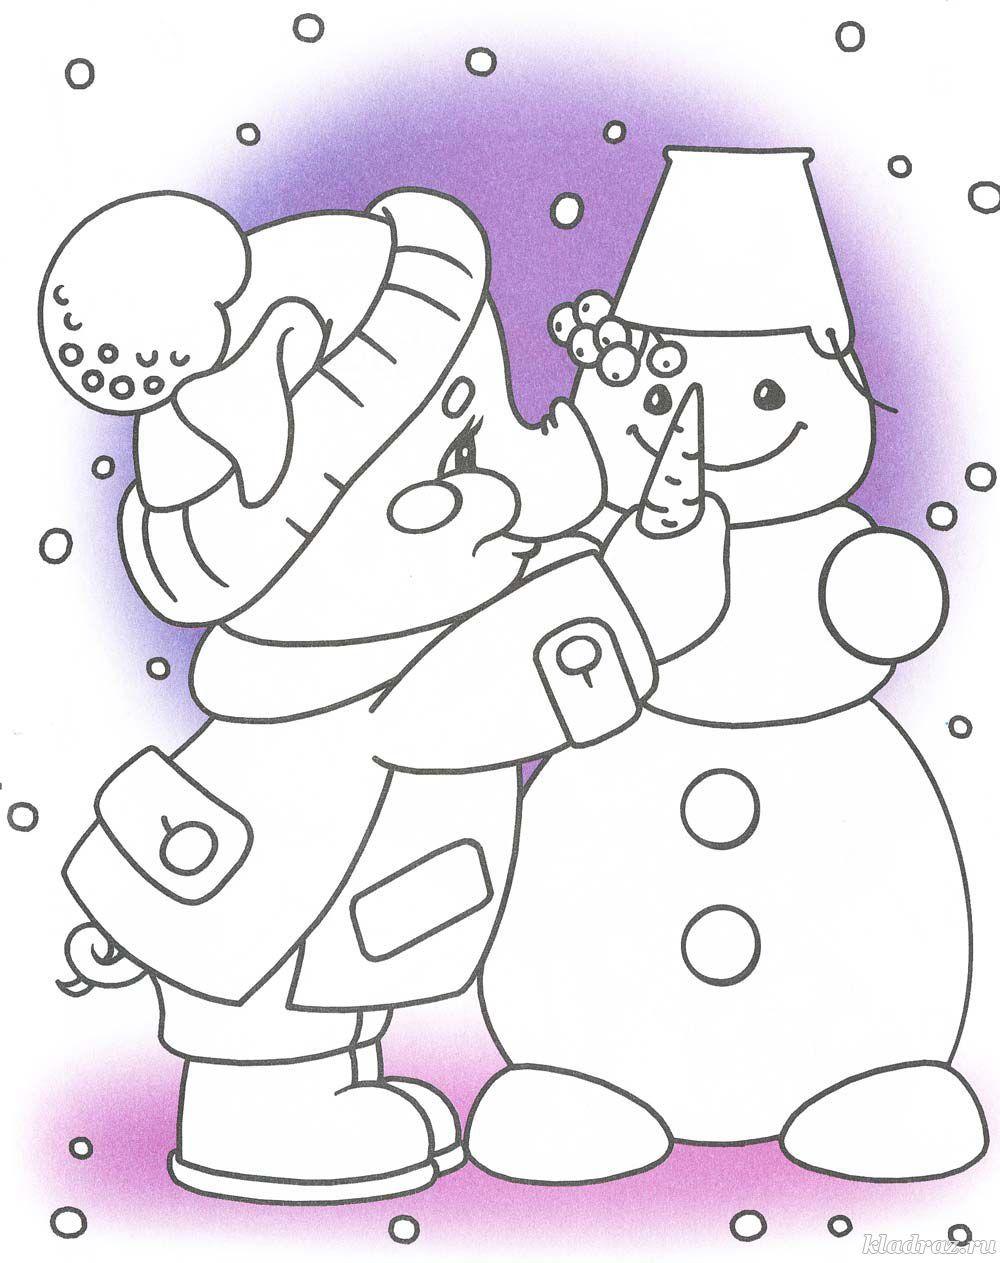 Зимняя раскраска для детей | Раскраски, Иллюстрации, Дети